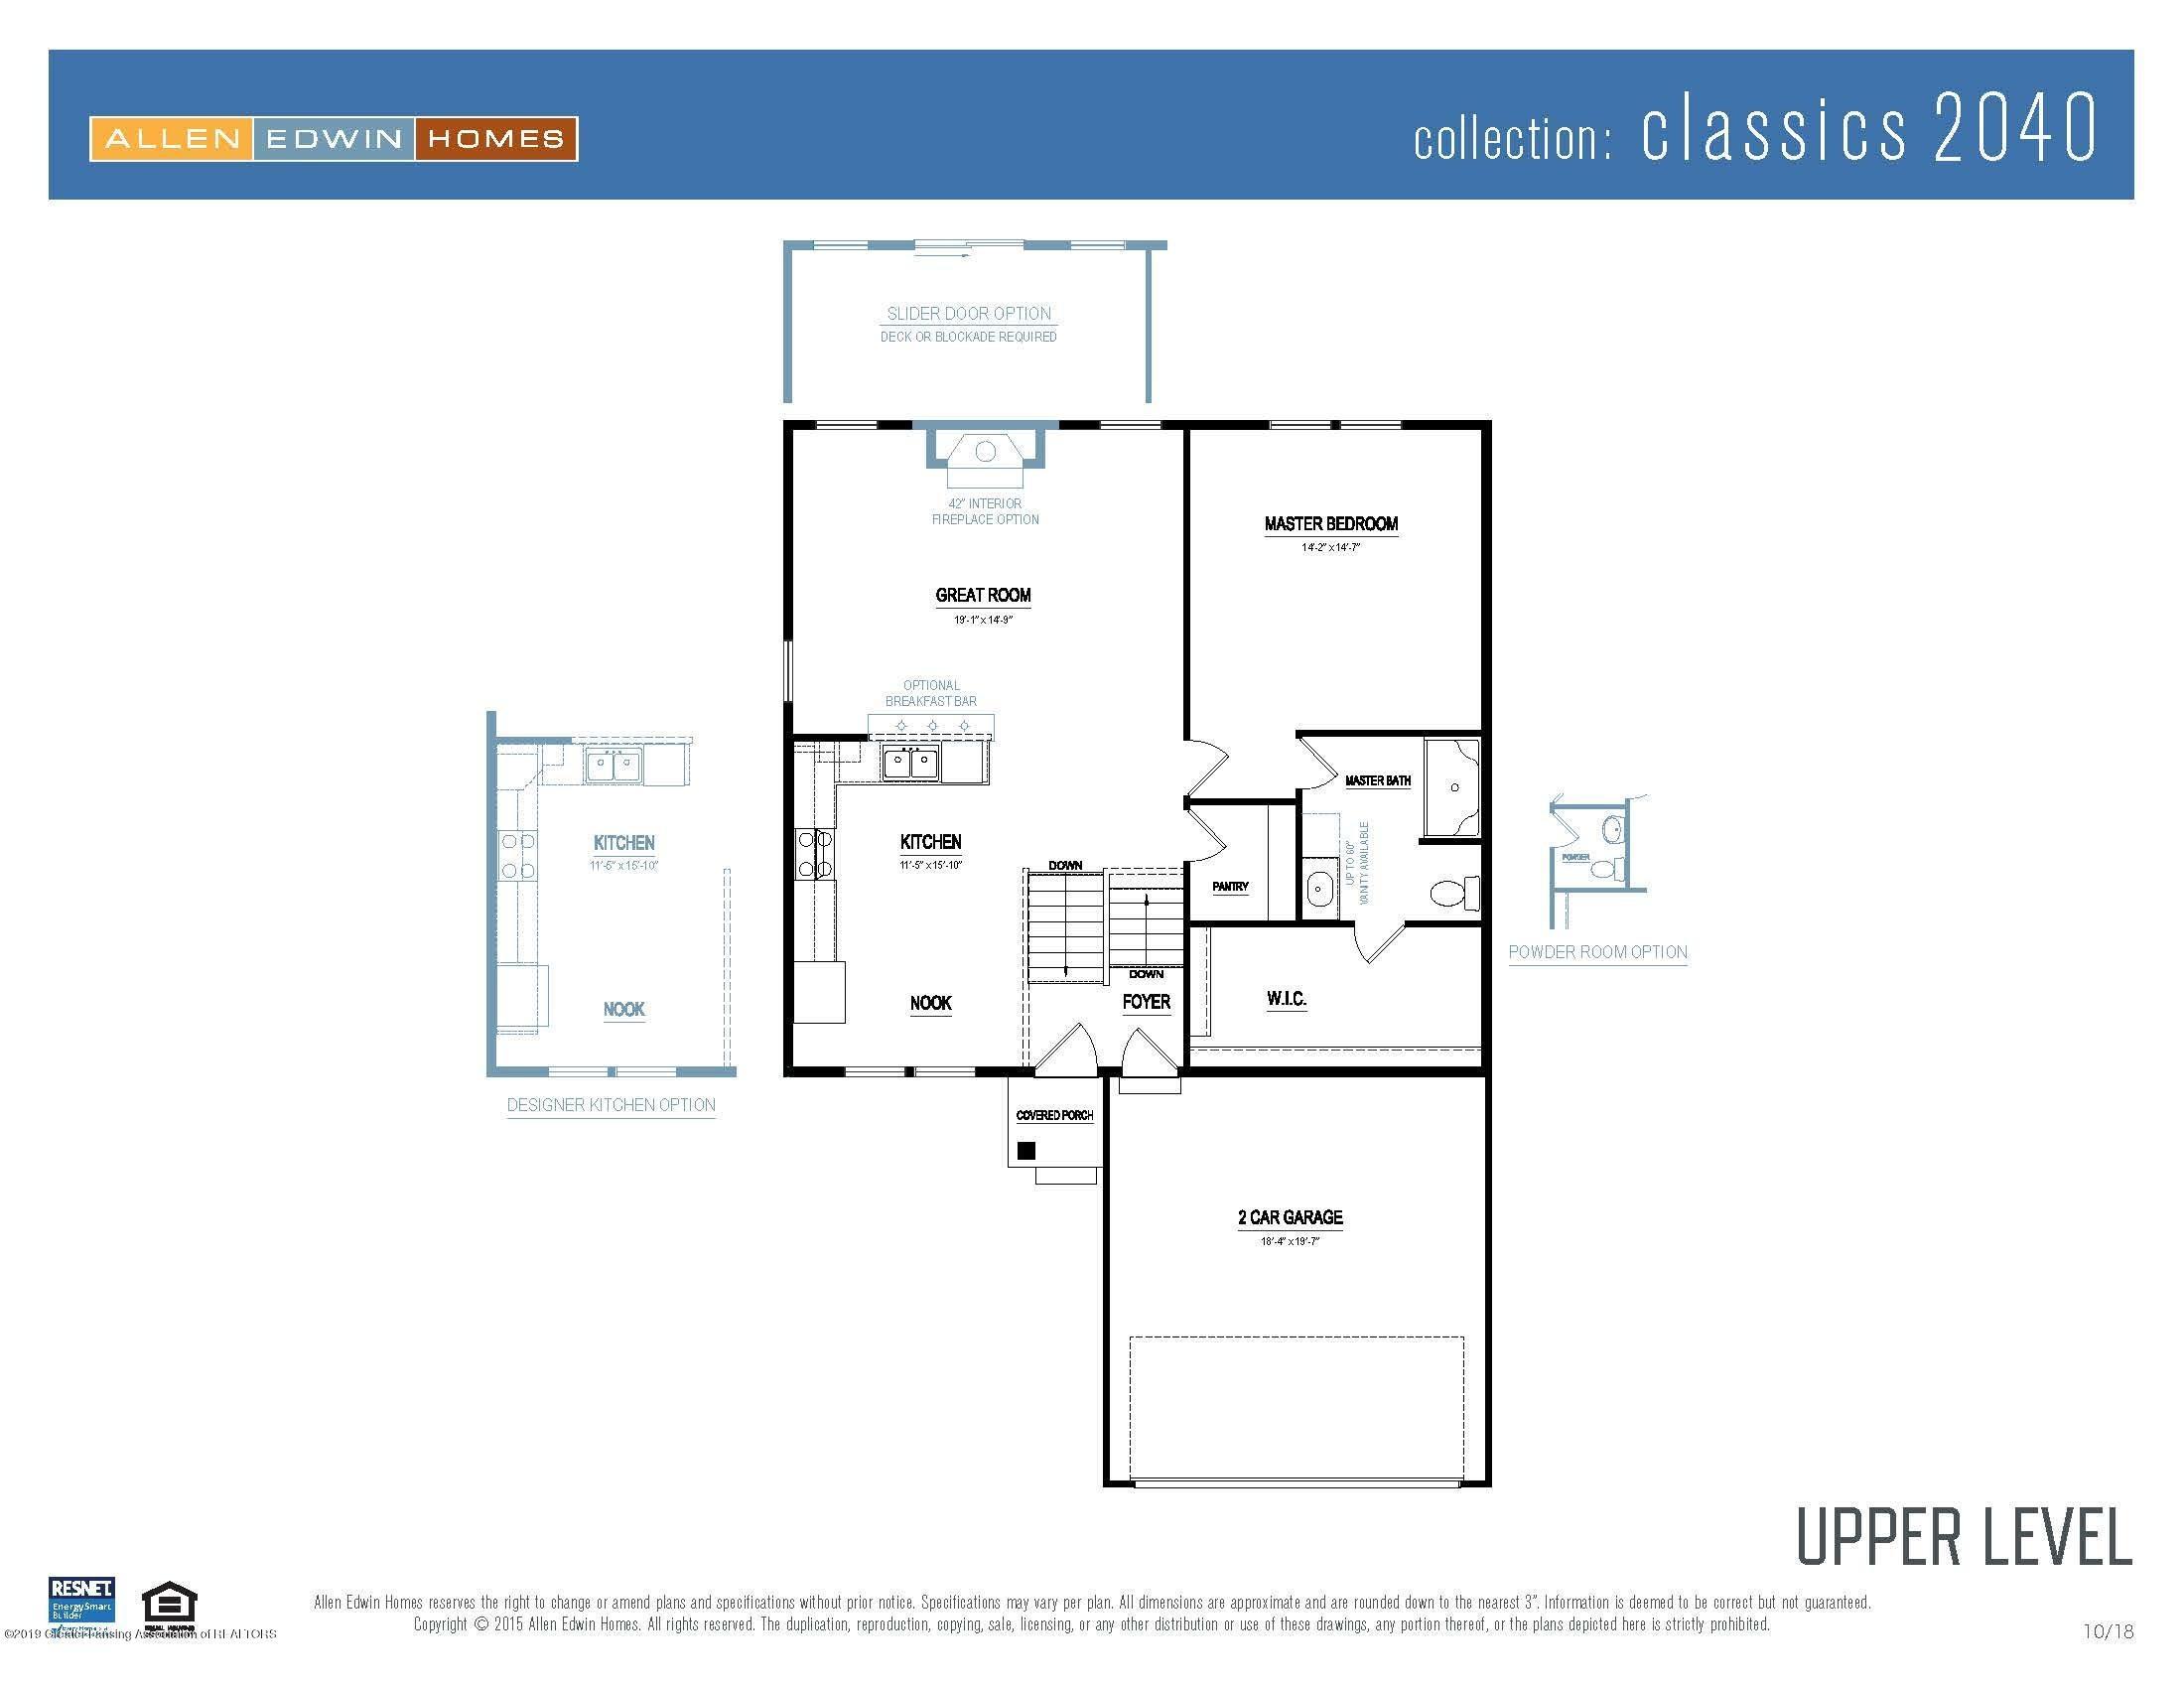 3532 Fernwood Ln - Classics 2040 V8.0a Upper Level - 17